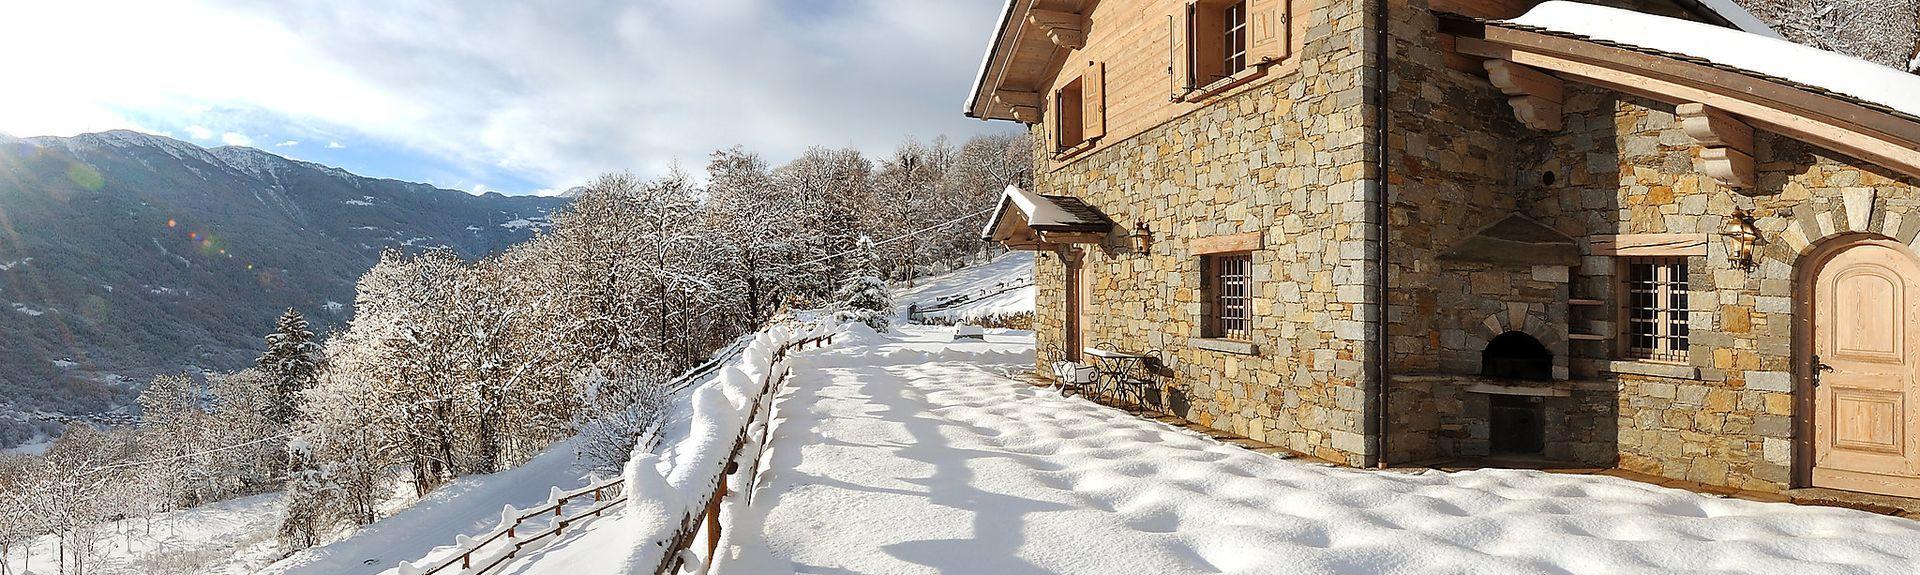 Grosotto, Lombardei, Italien